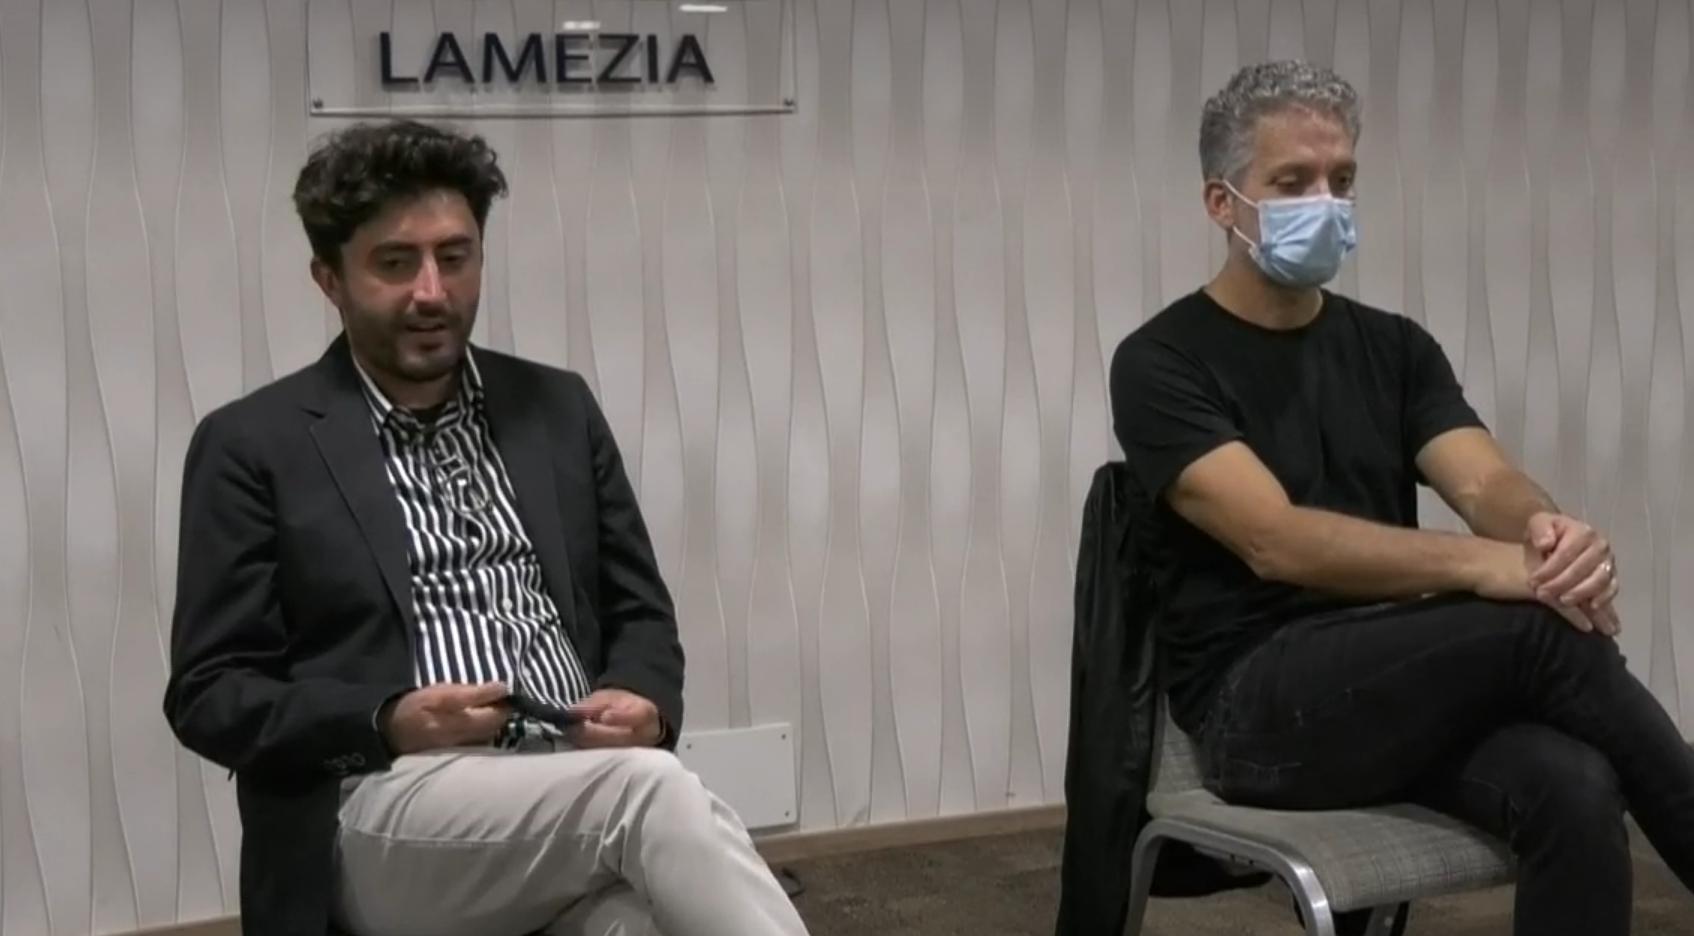 Beppe Fiorello film lamezia